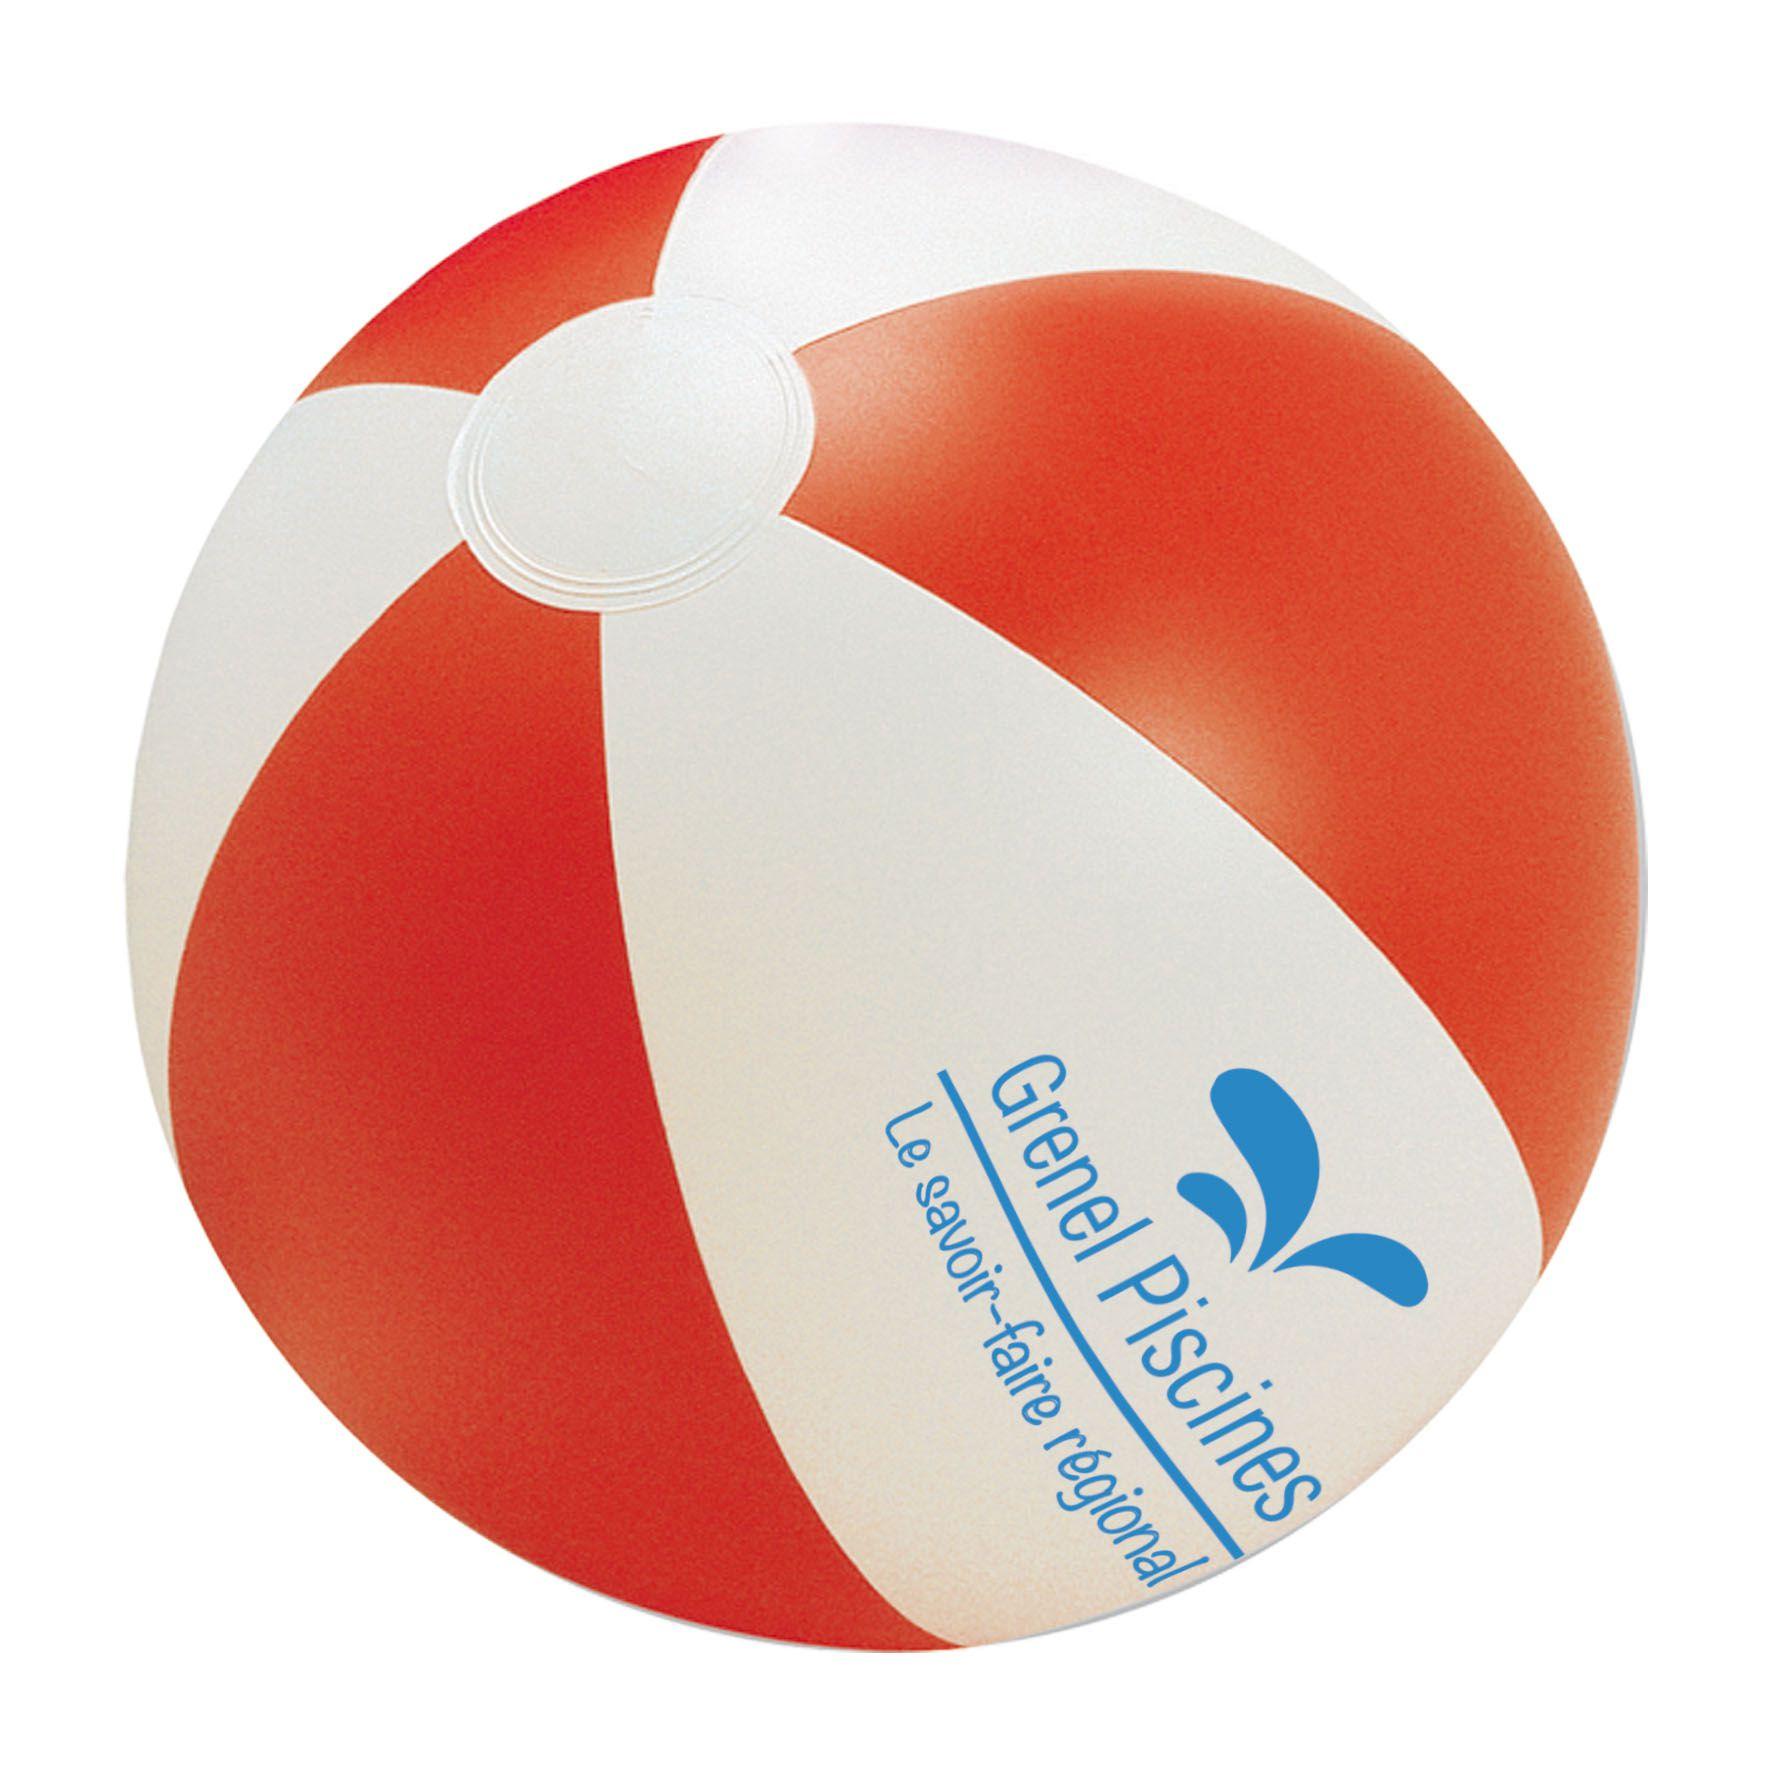 Accessoire publicitaire pour la plage - Ballon de plage Sunny